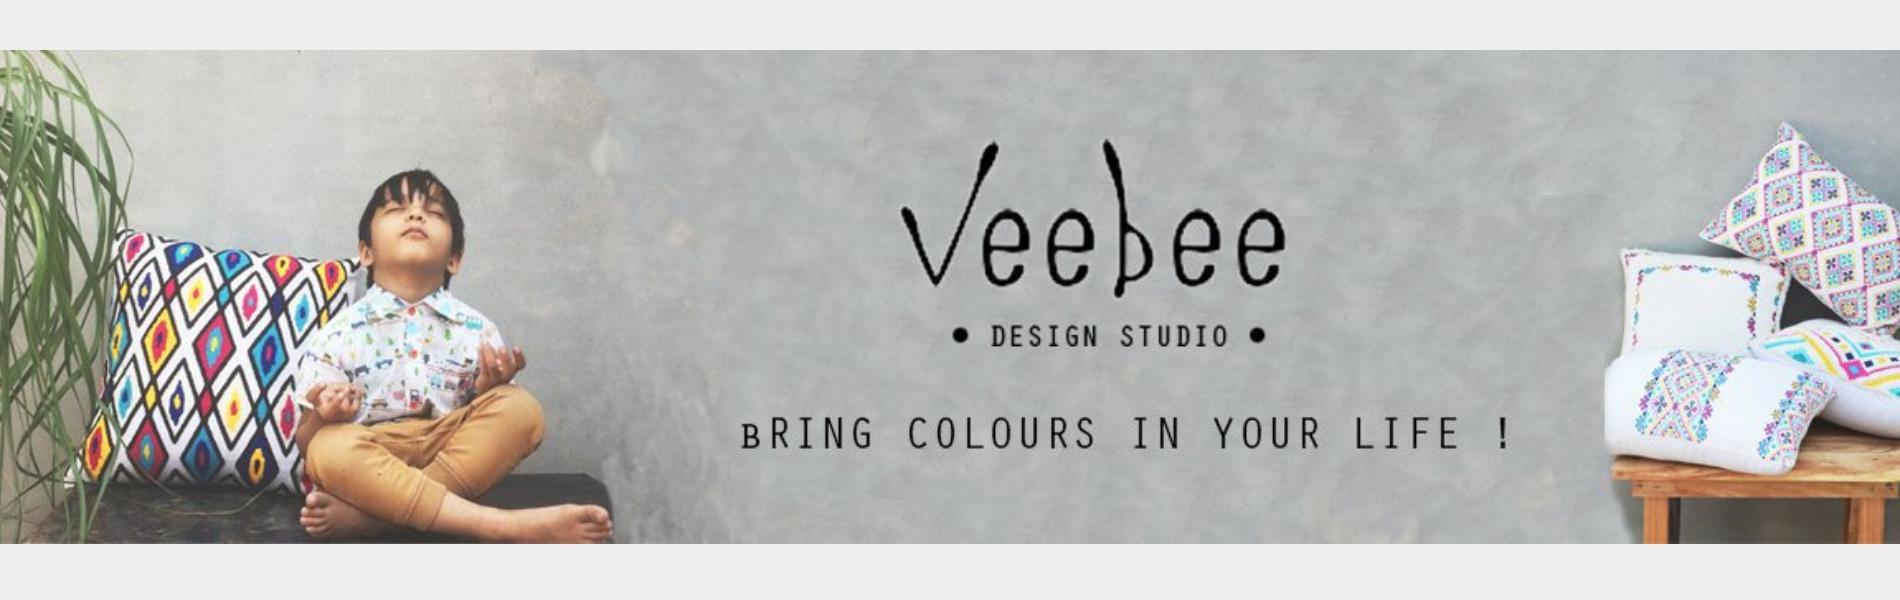 Veebee Design Studio